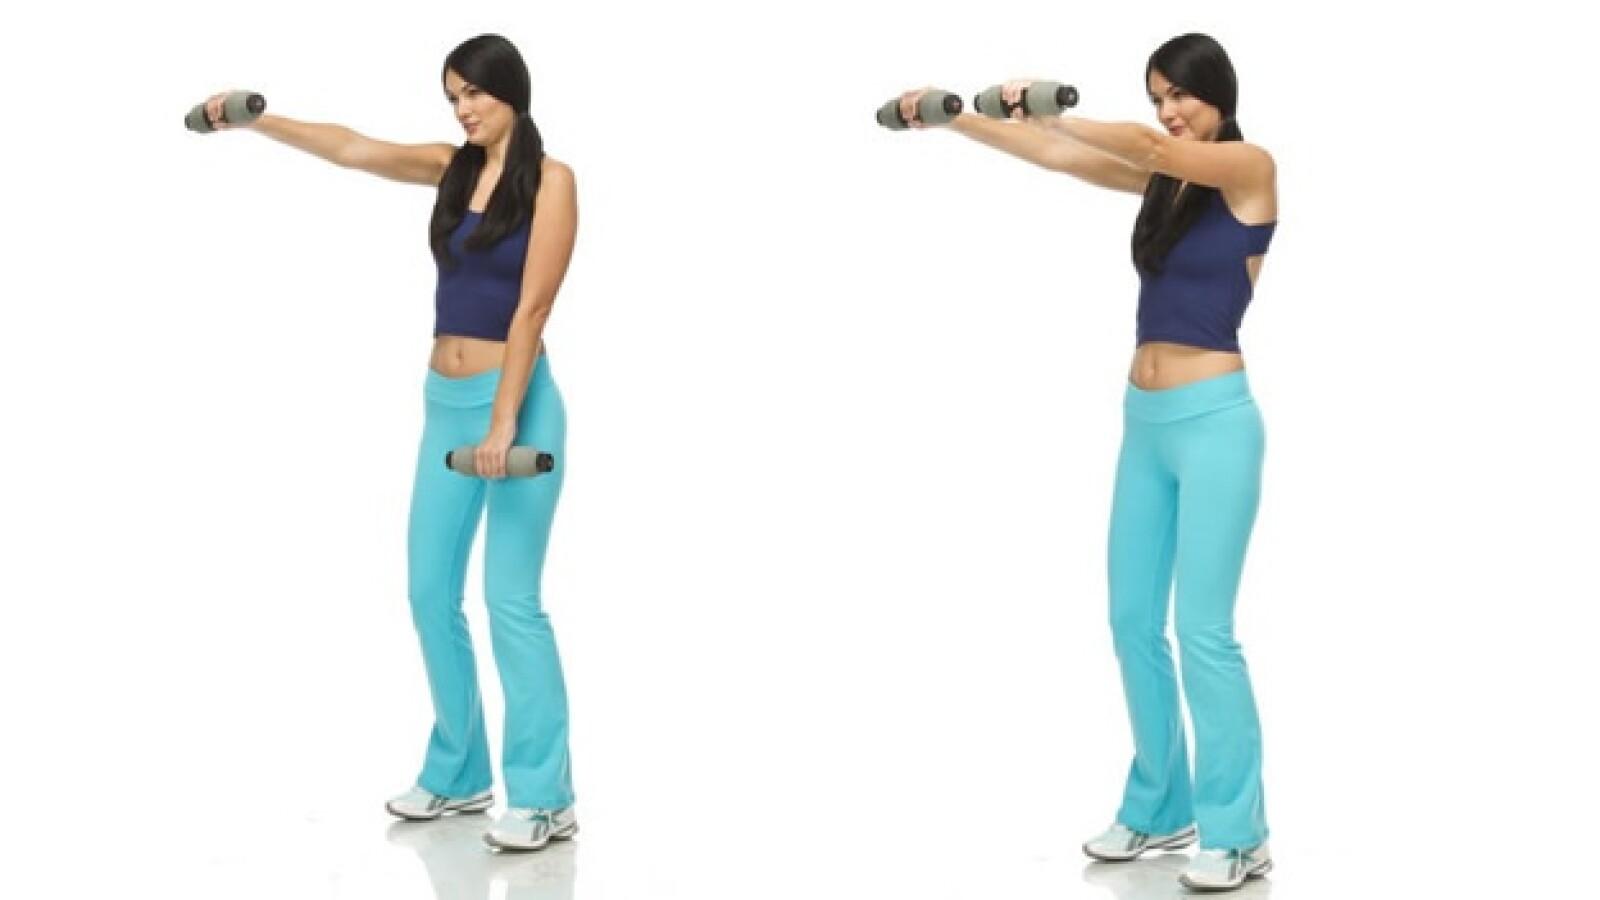 2. De pie, con las mancuernas al frente de los muslos con los brazos flexionados. Sube los brazos hacia el frente a la altura de la cara, baja y repite